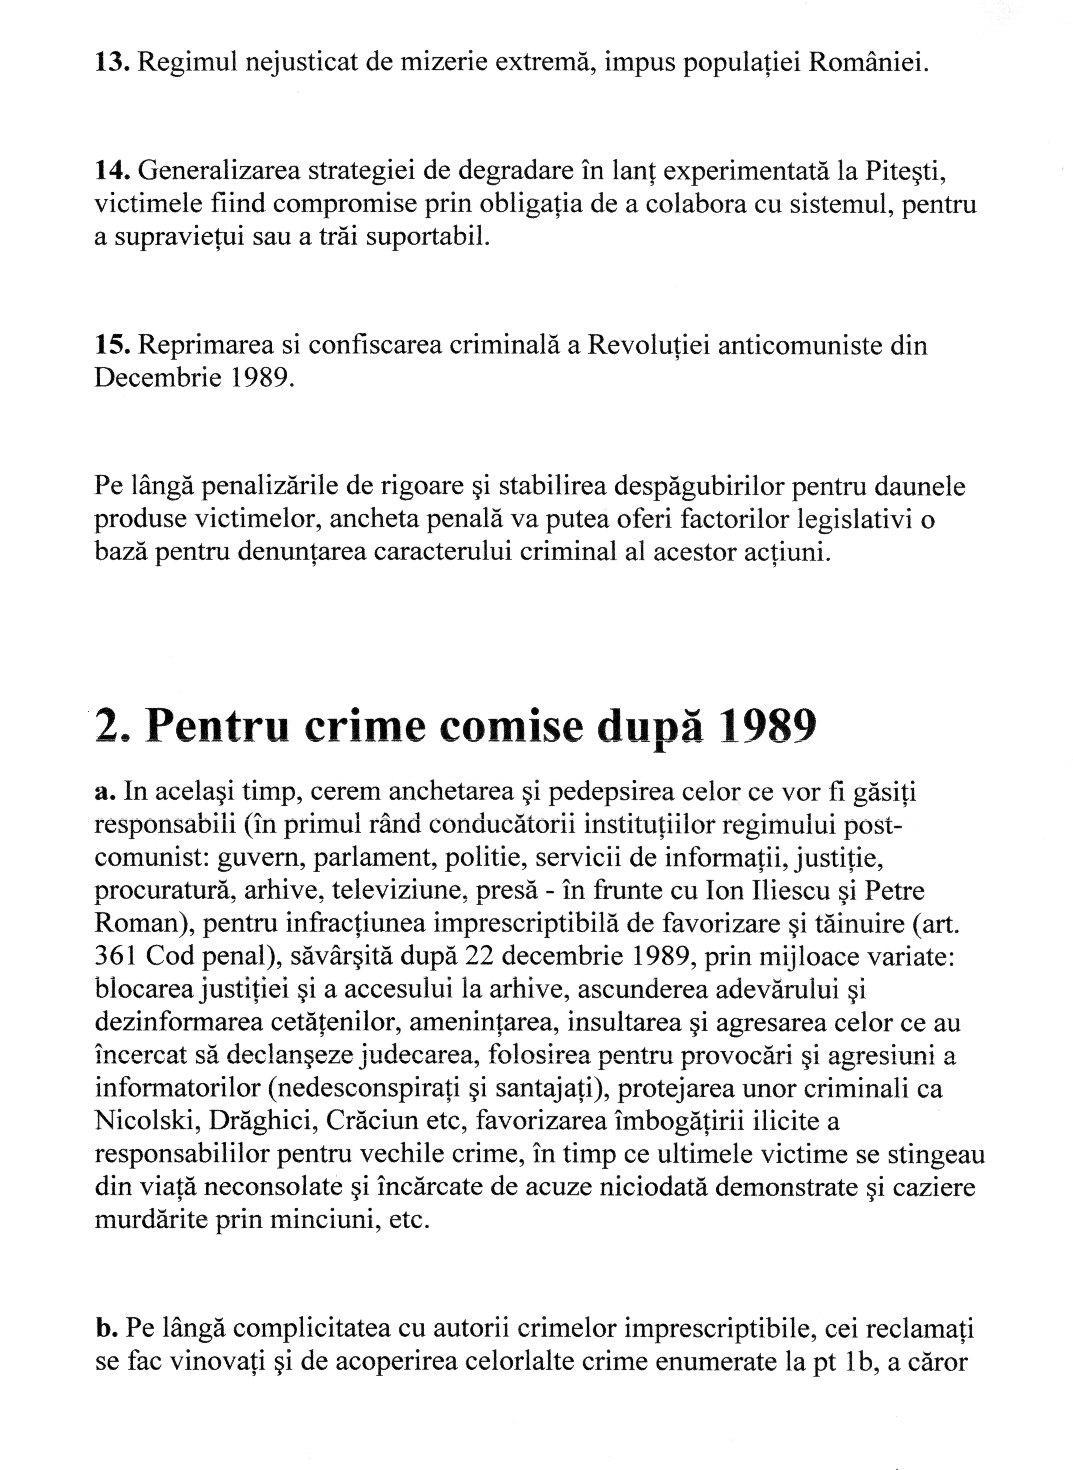 PP pg 5